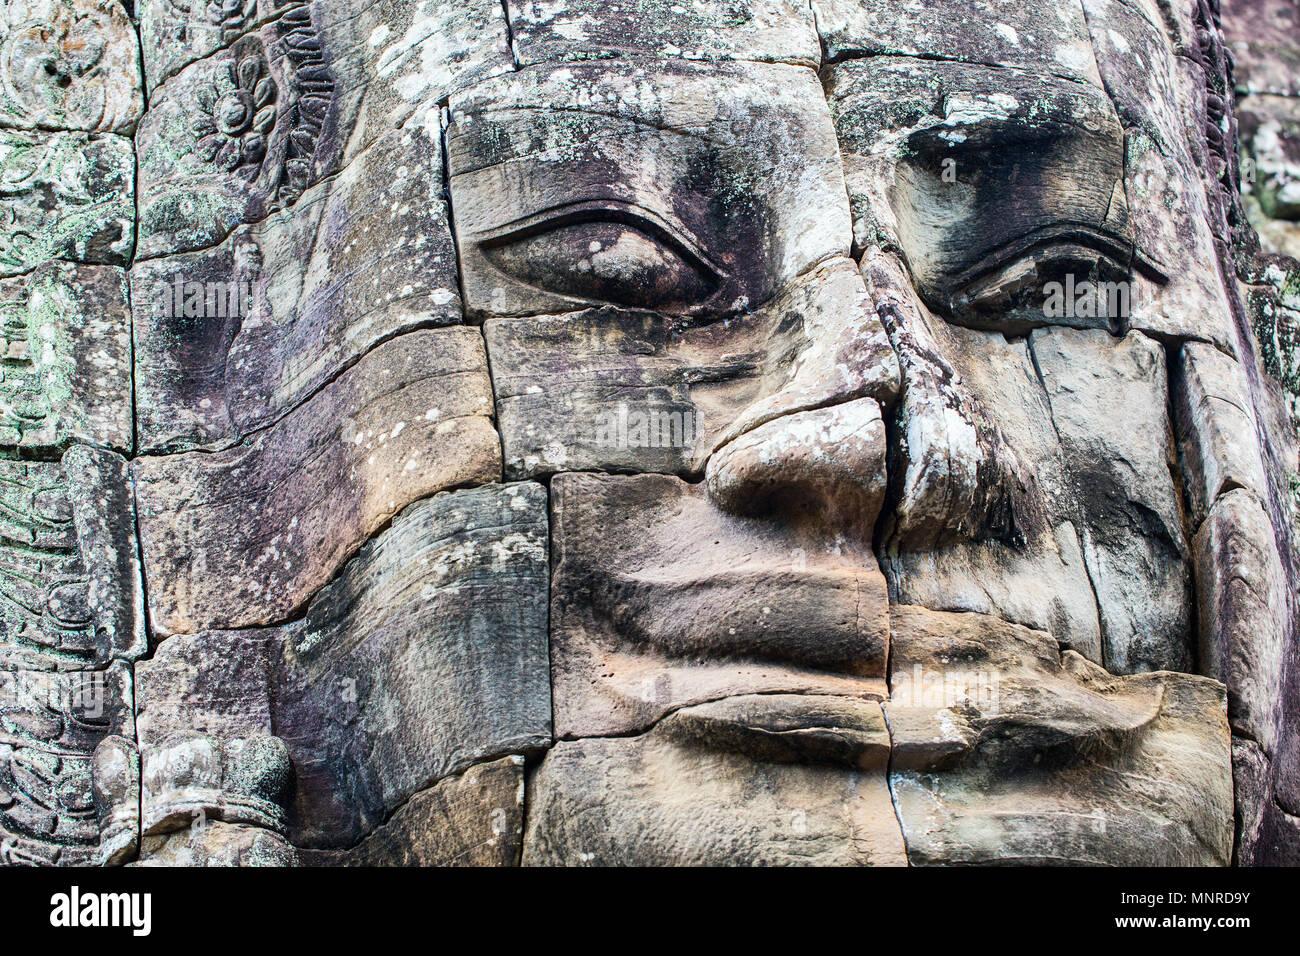 Gesichter der alten Bayon Tempel beliebte Touristenattraktion in Angkor Thom, Siem Reap, Kambodscha. Stockbild